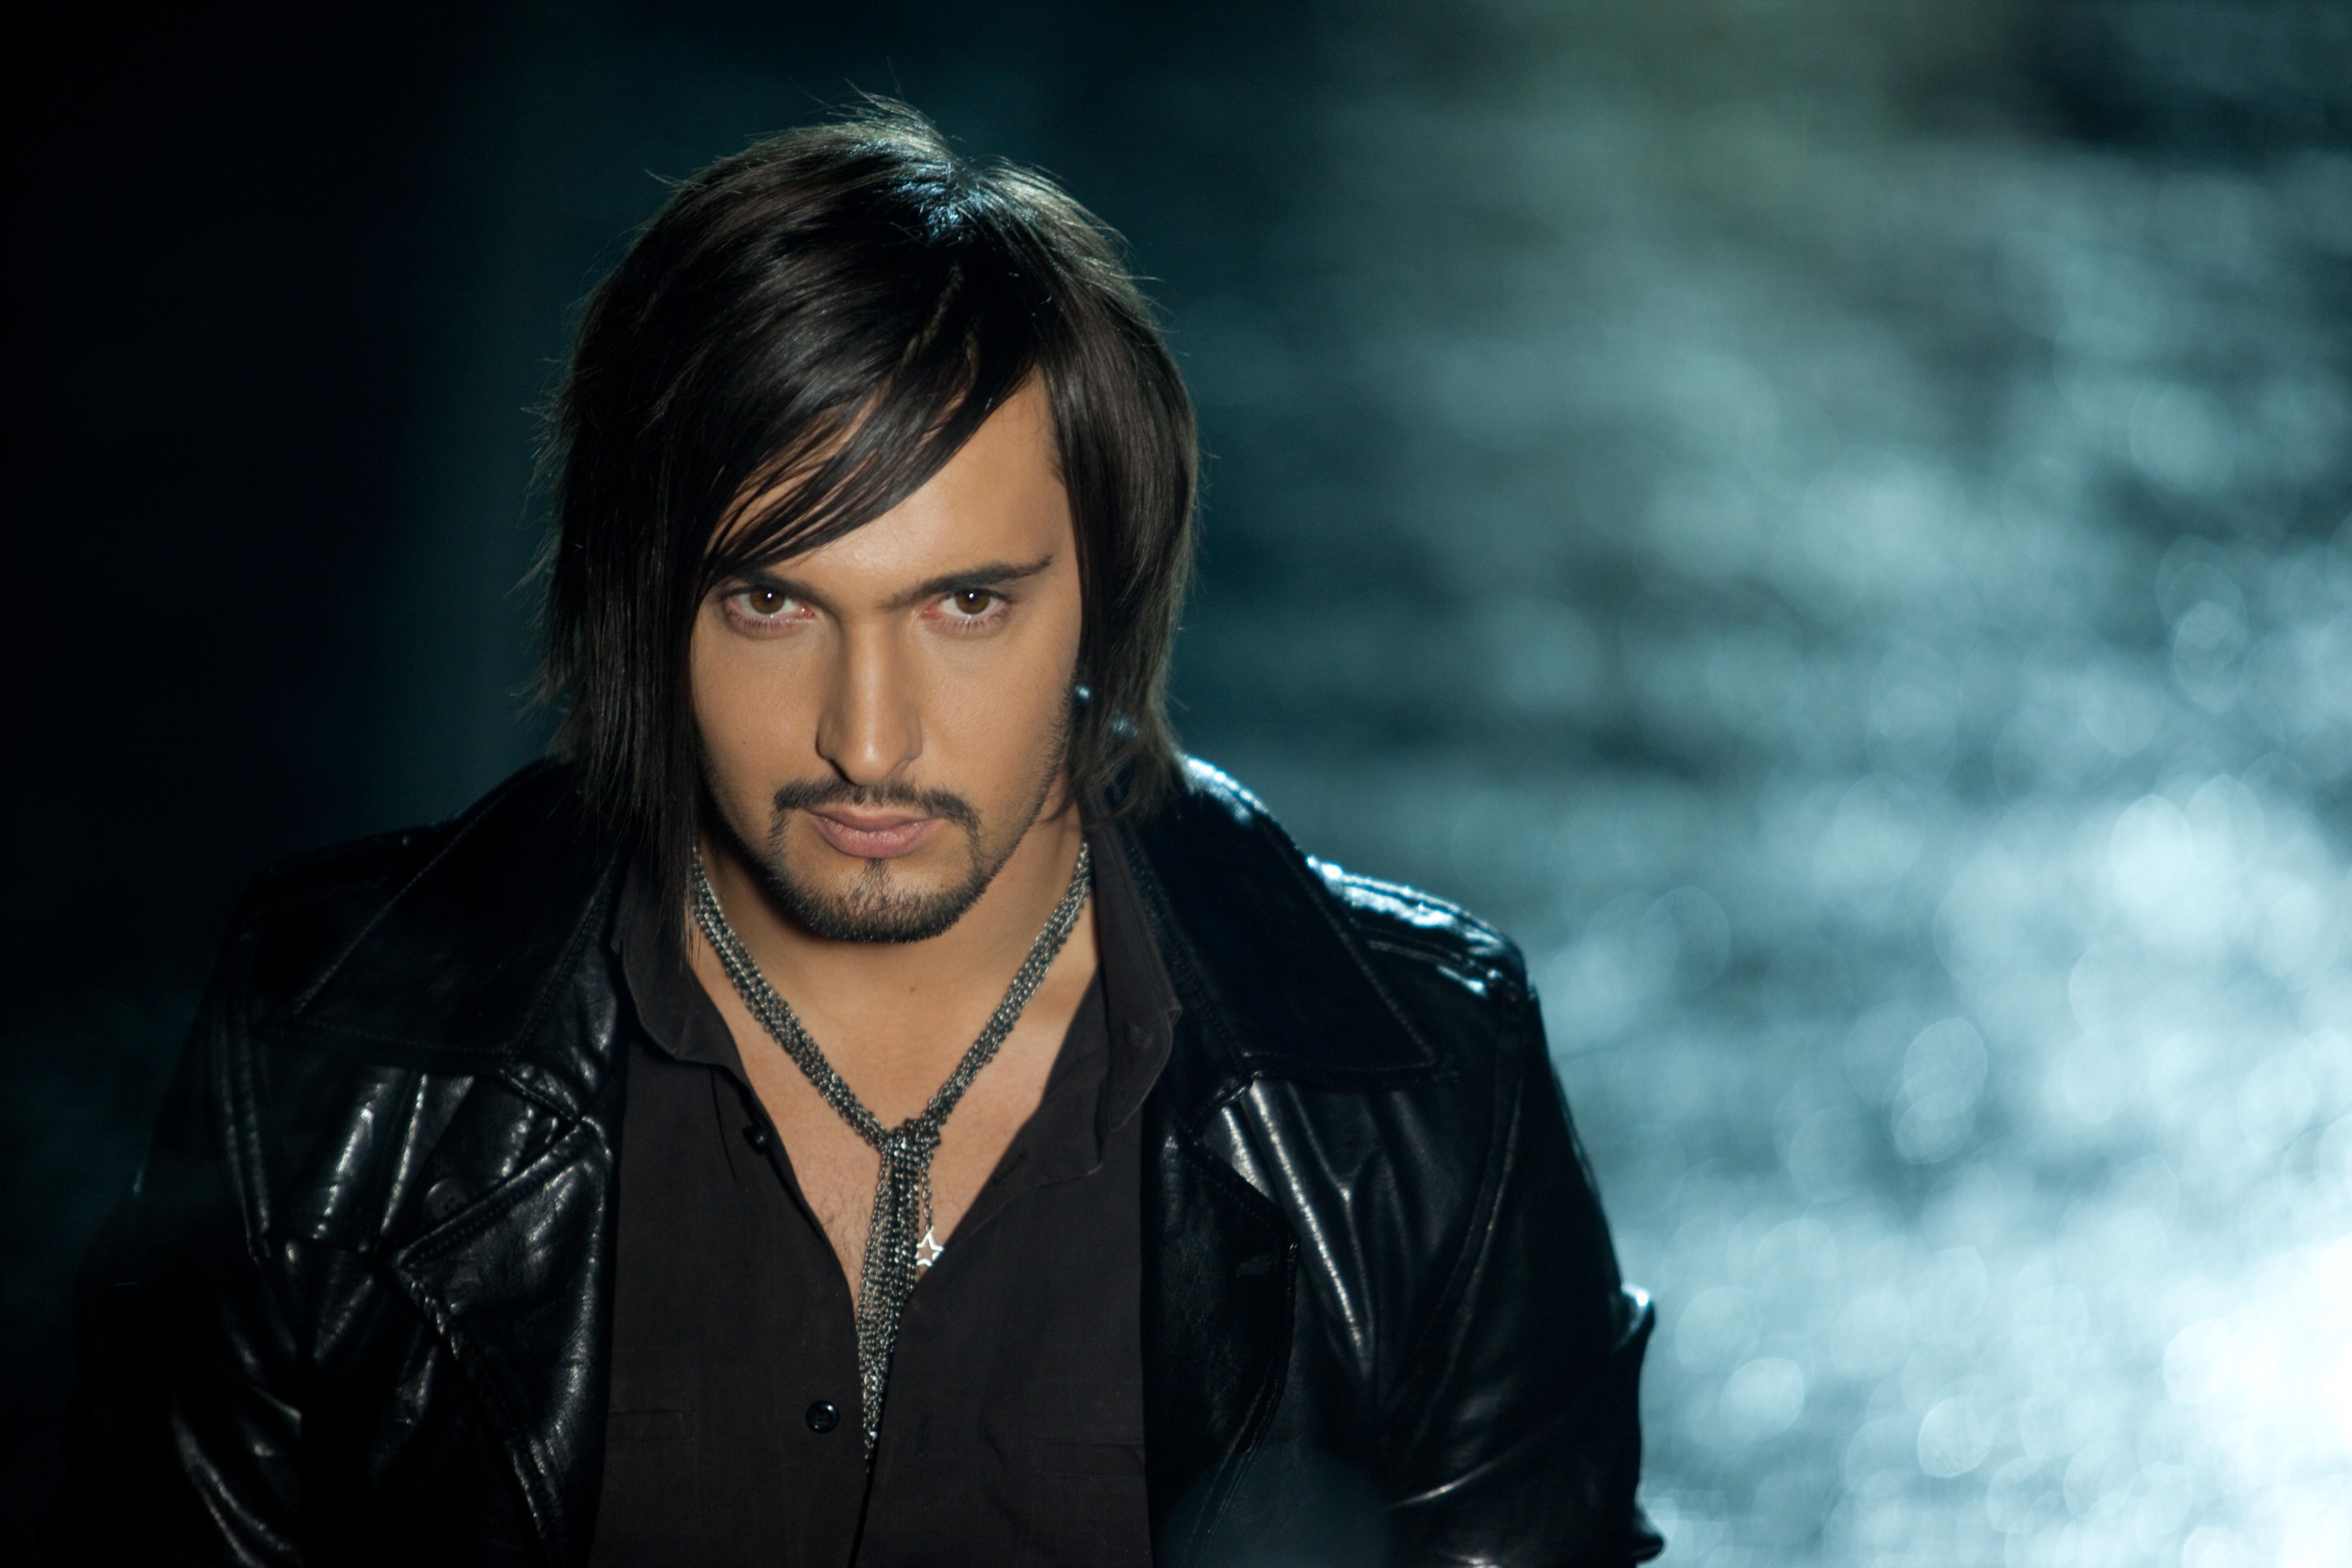 Виталий Козловский назвал свой альбом как сериал «1+1»